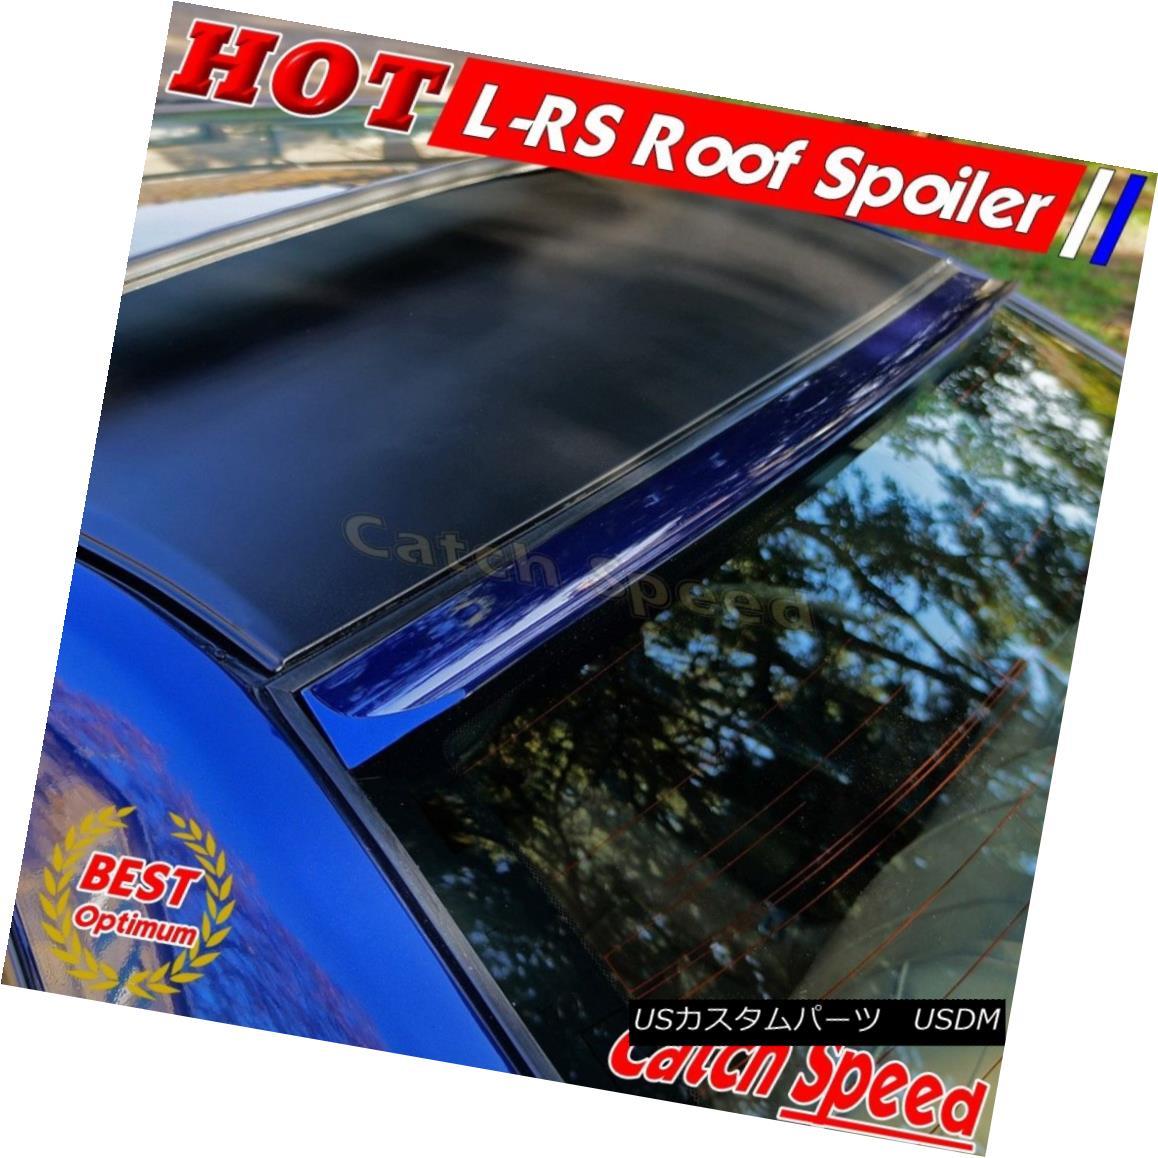 エアロパーツ Painted LRS Type Rear Roof Spoiler For Infiniti M35x M45x 2006 - 2010 Sedan ? インフィニティM35x M45x 2006年 - 2010年セダンのためのペイントされたLRSタイプのリアルーフスポイラー?